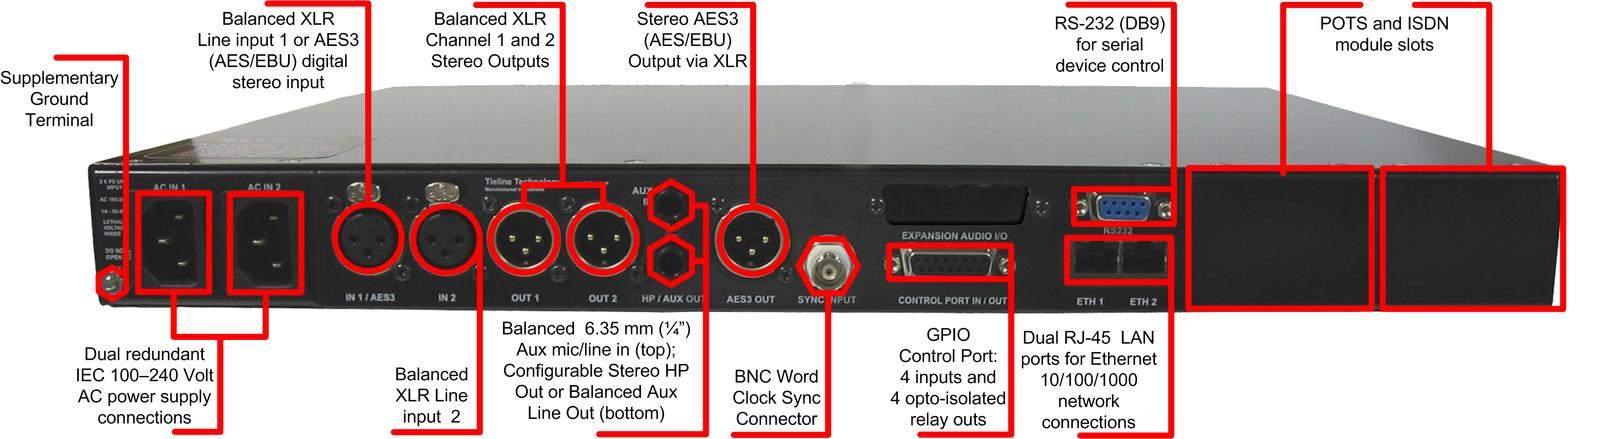 756_Merlin_rack_unit_rear_panel_description_v.3.0_web